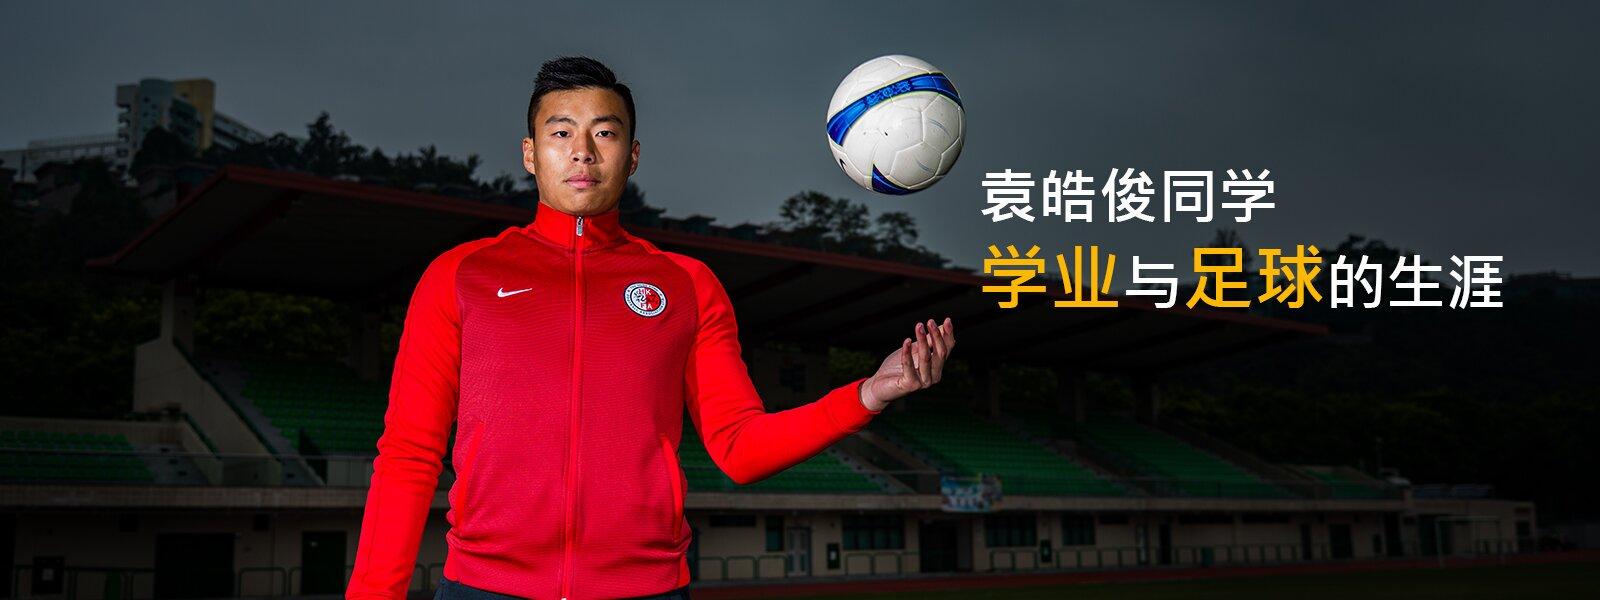 袁皓俊同学──学业与足球的生涯